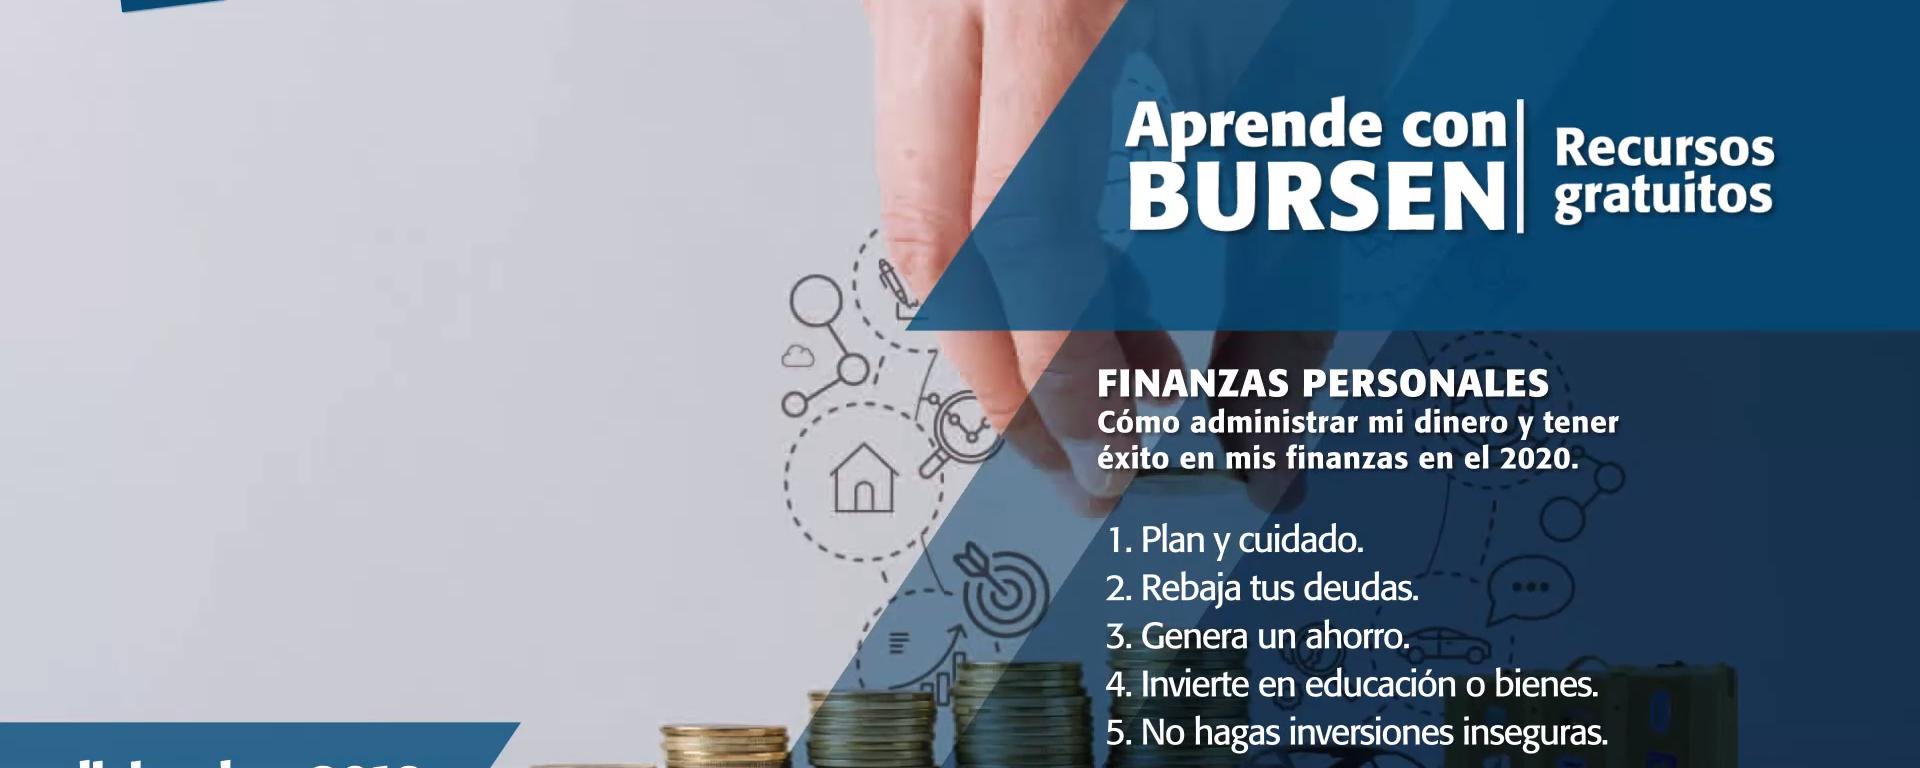 """Open BURSEN-Charla Gratuita: """"Finanzas Personales: Cómo administrar mi dinero y tener éxito en mis finanzas en el 2020"""""""